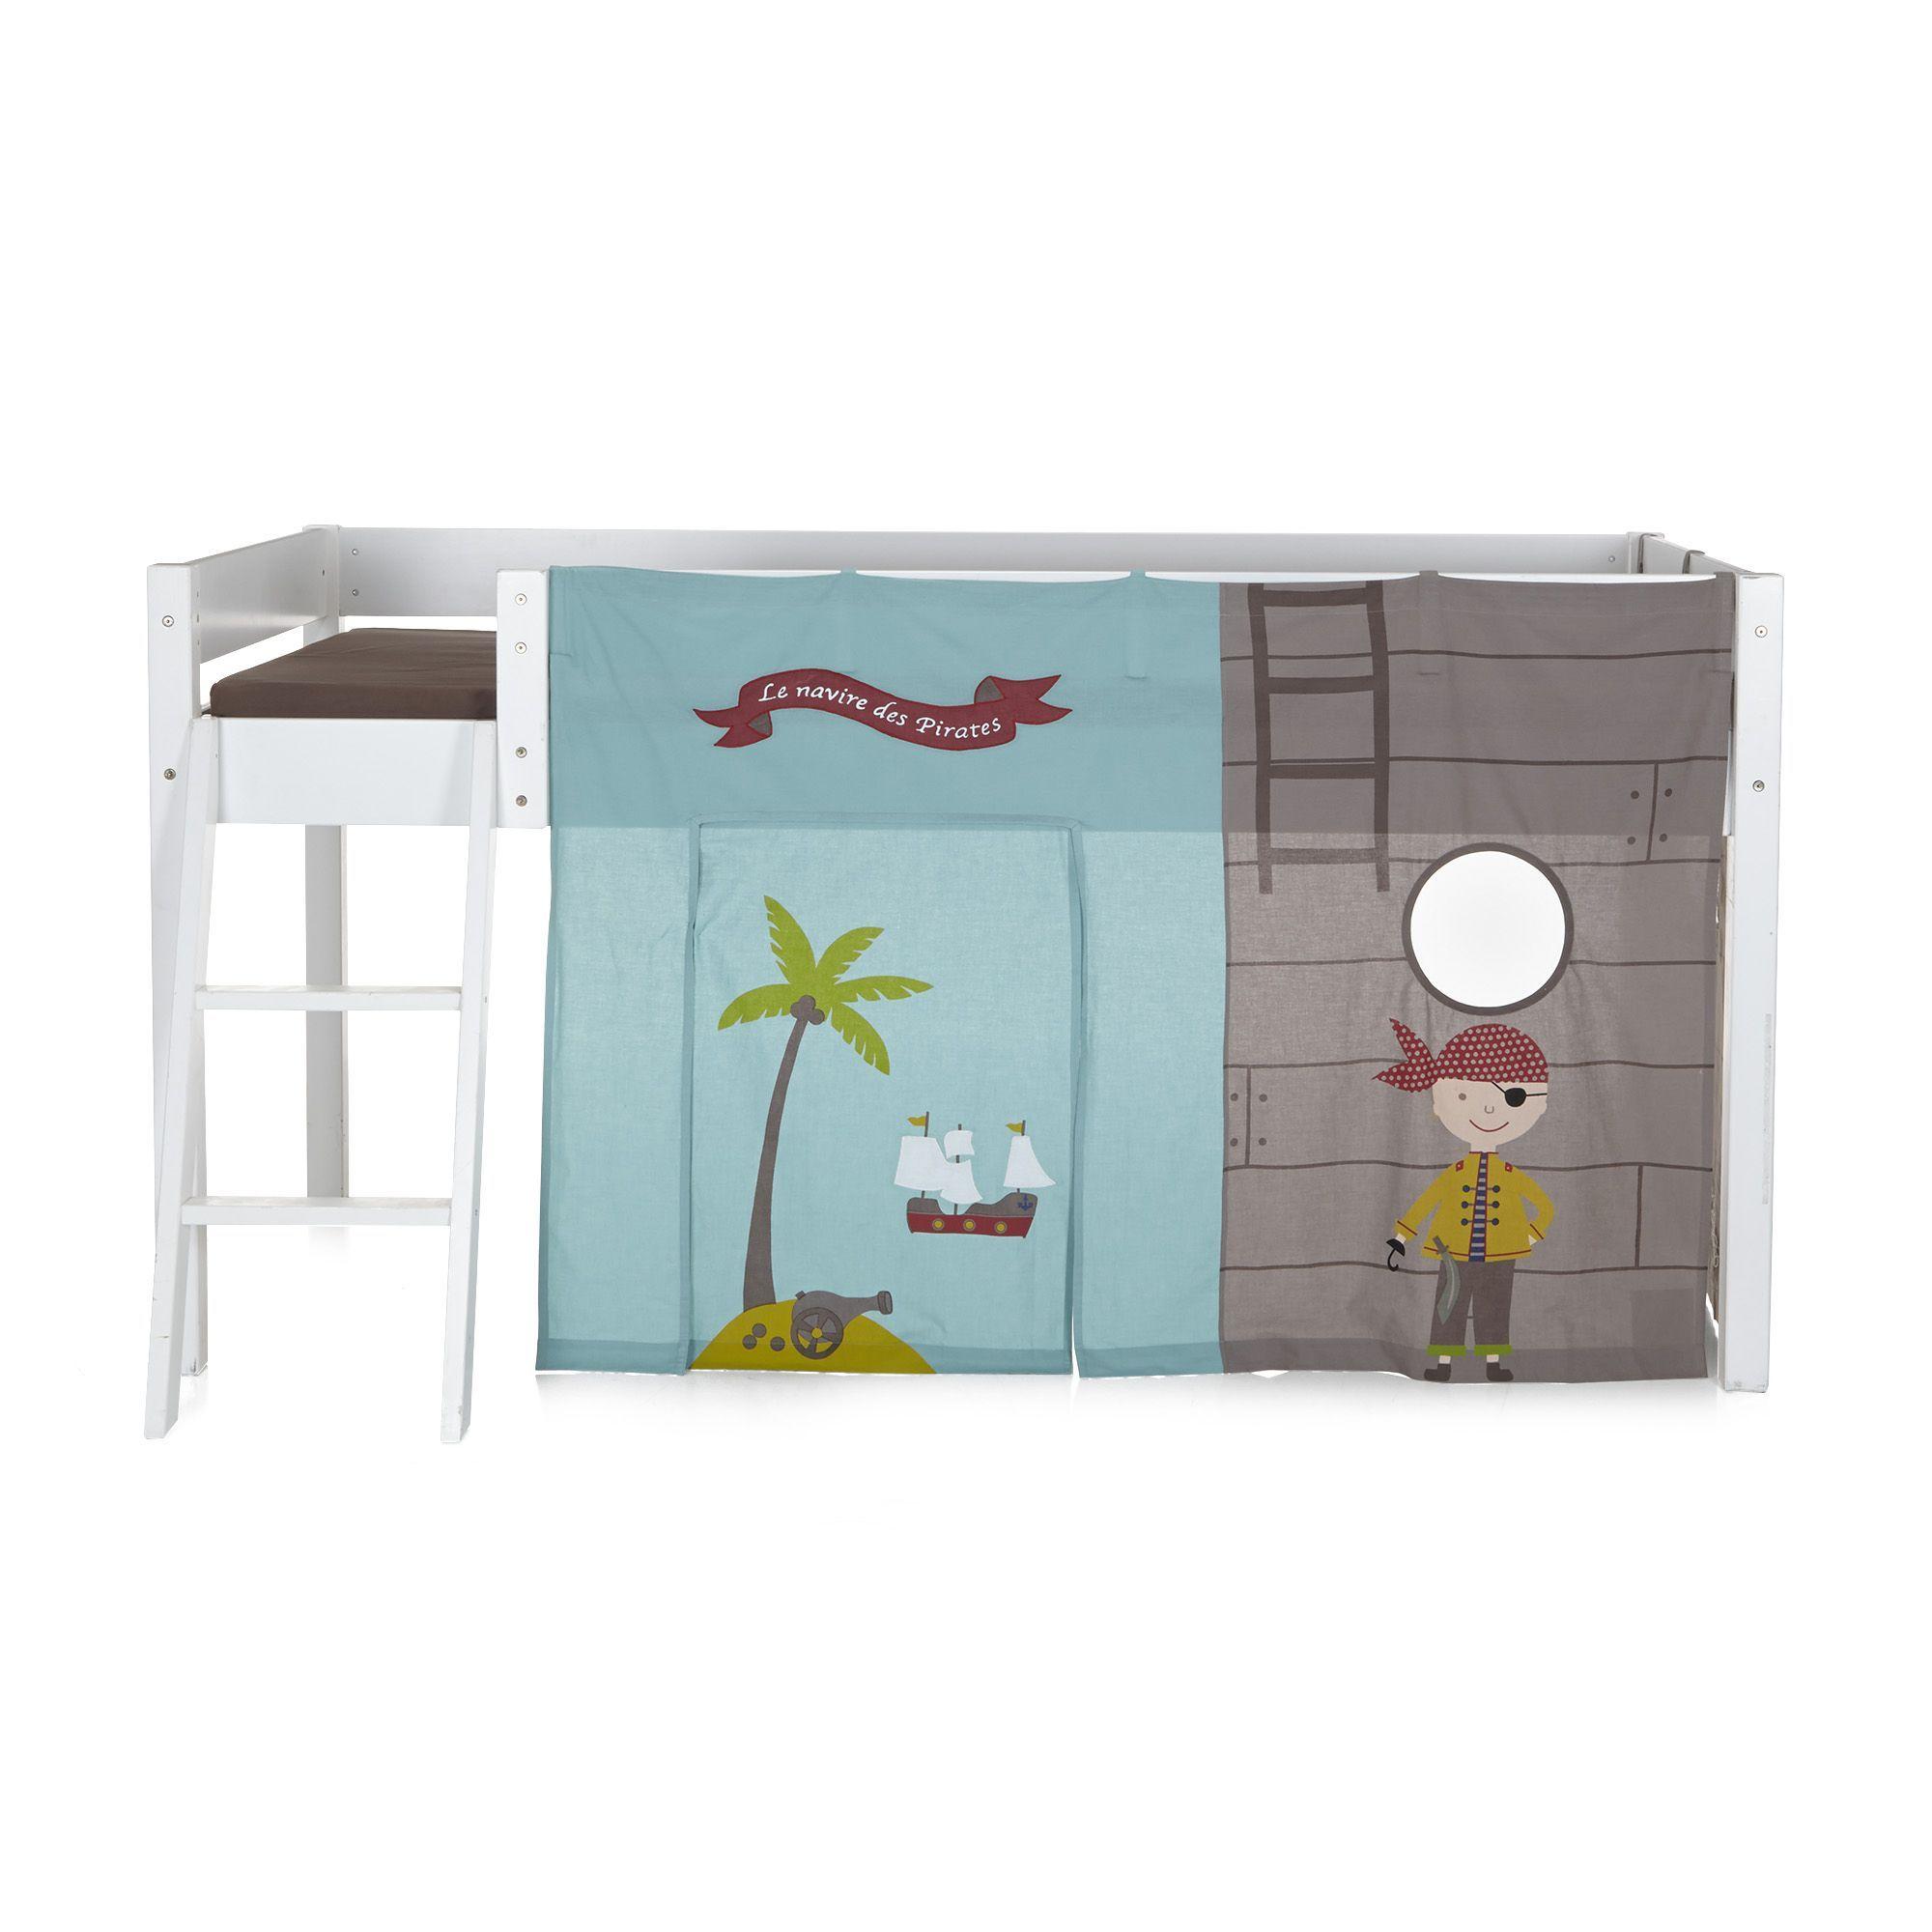 haut de lit marque de linge de maison haut de gamme couvre lit gaya michel viaud les parure de. Black Bedroom Furniture Sets. Home Design Ideas